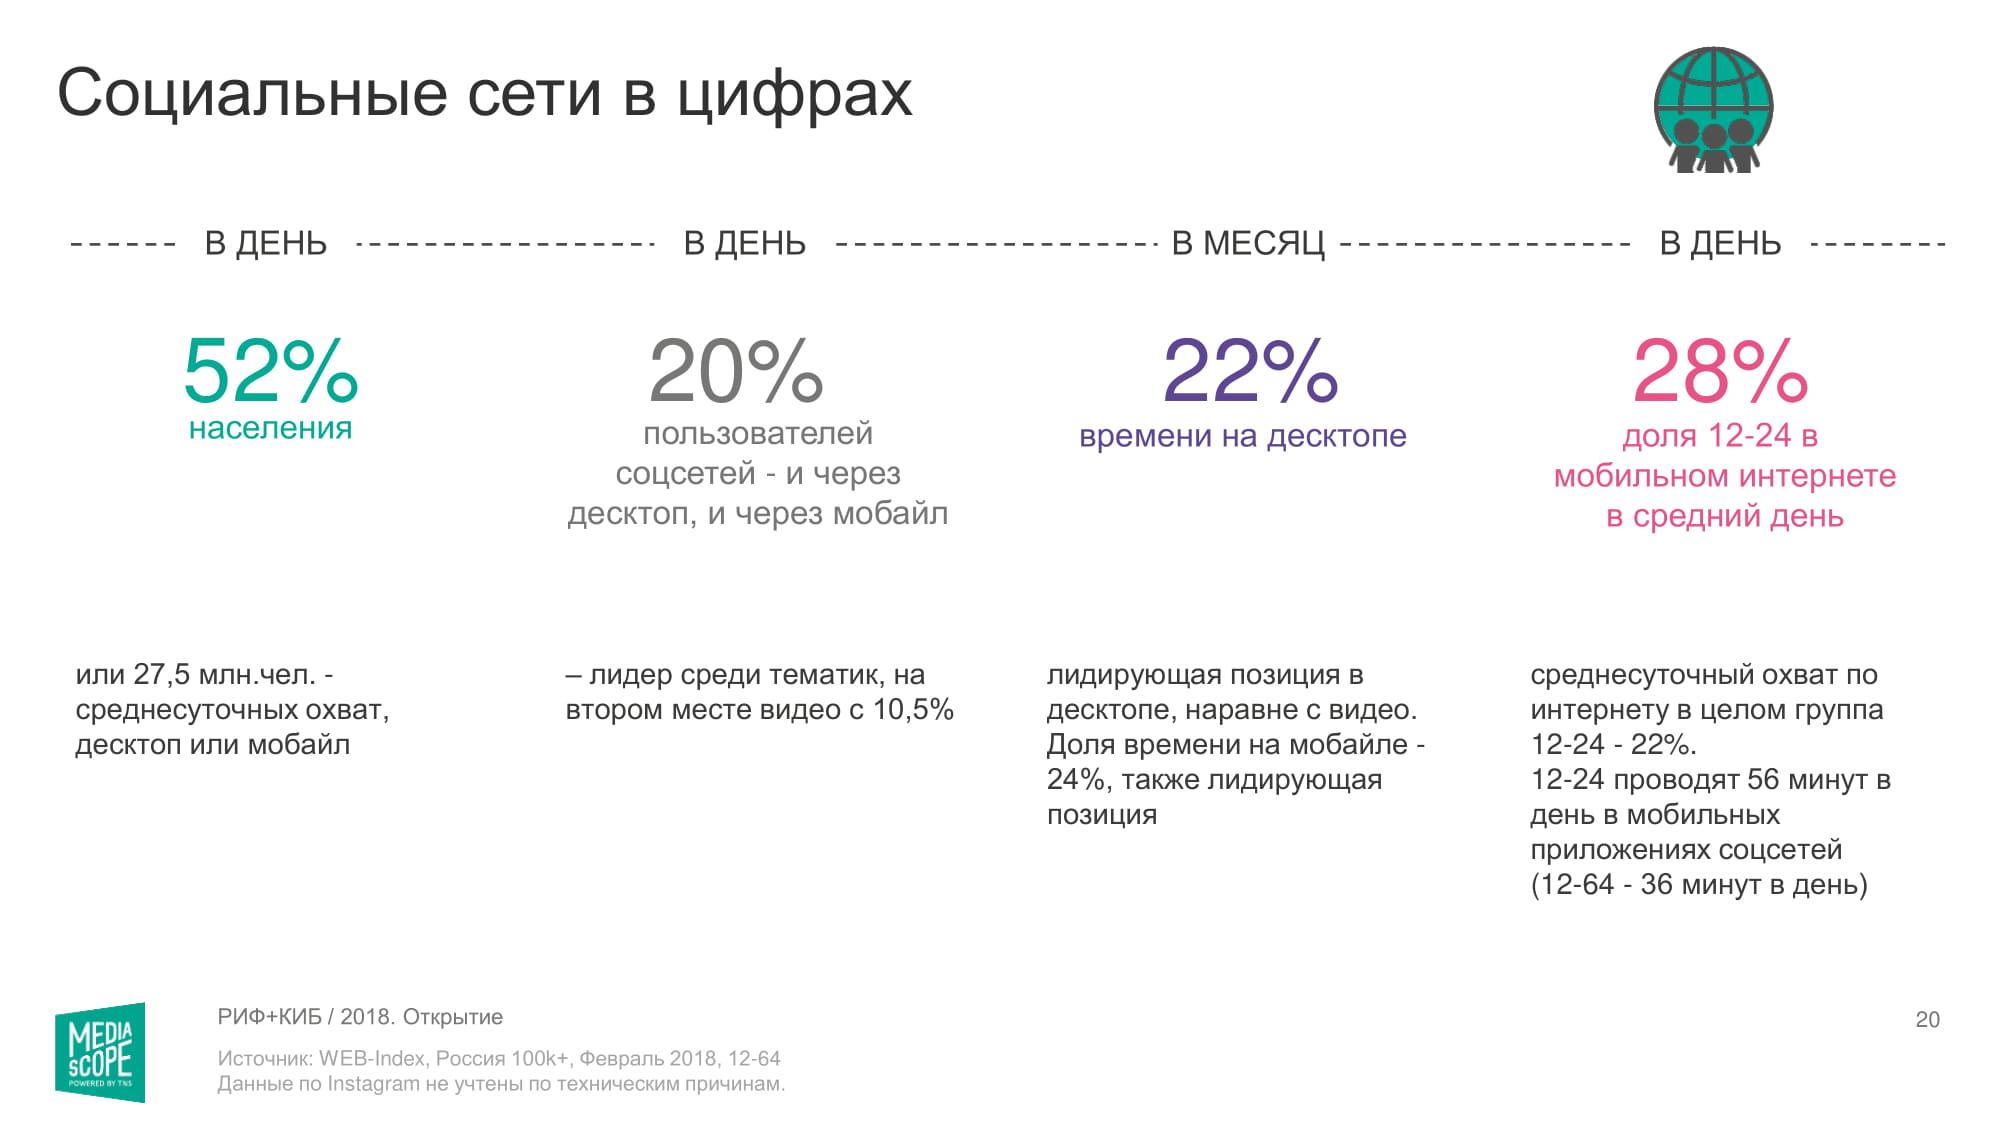 Потребление интернета в России: исследование Mediascope